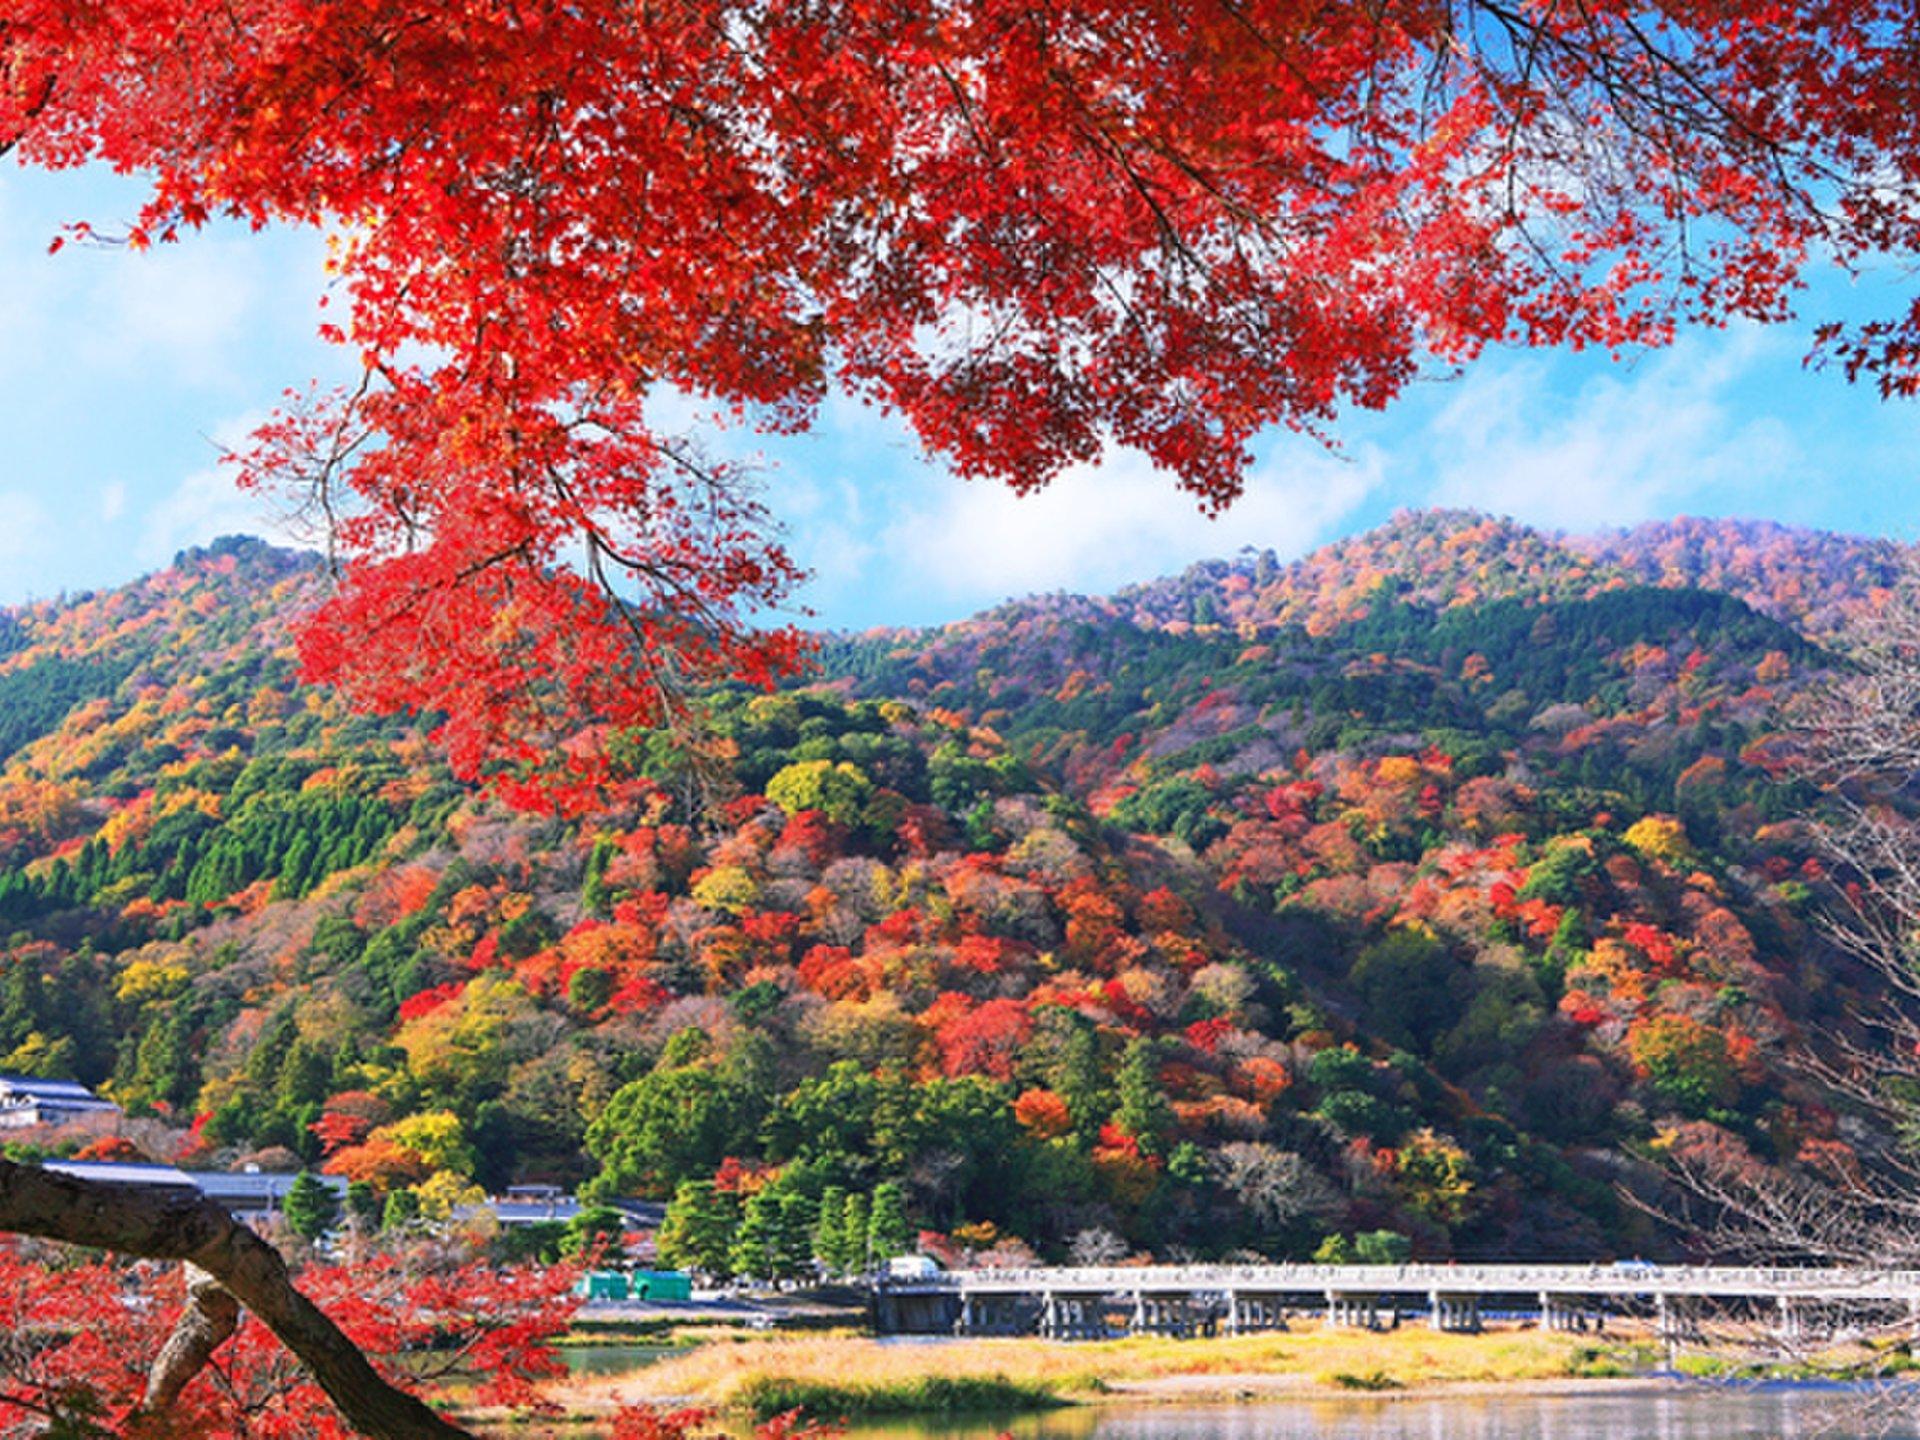 紅葉の名所・京都で風情あるデートを♡京都おすすめ秋デートスポット12選